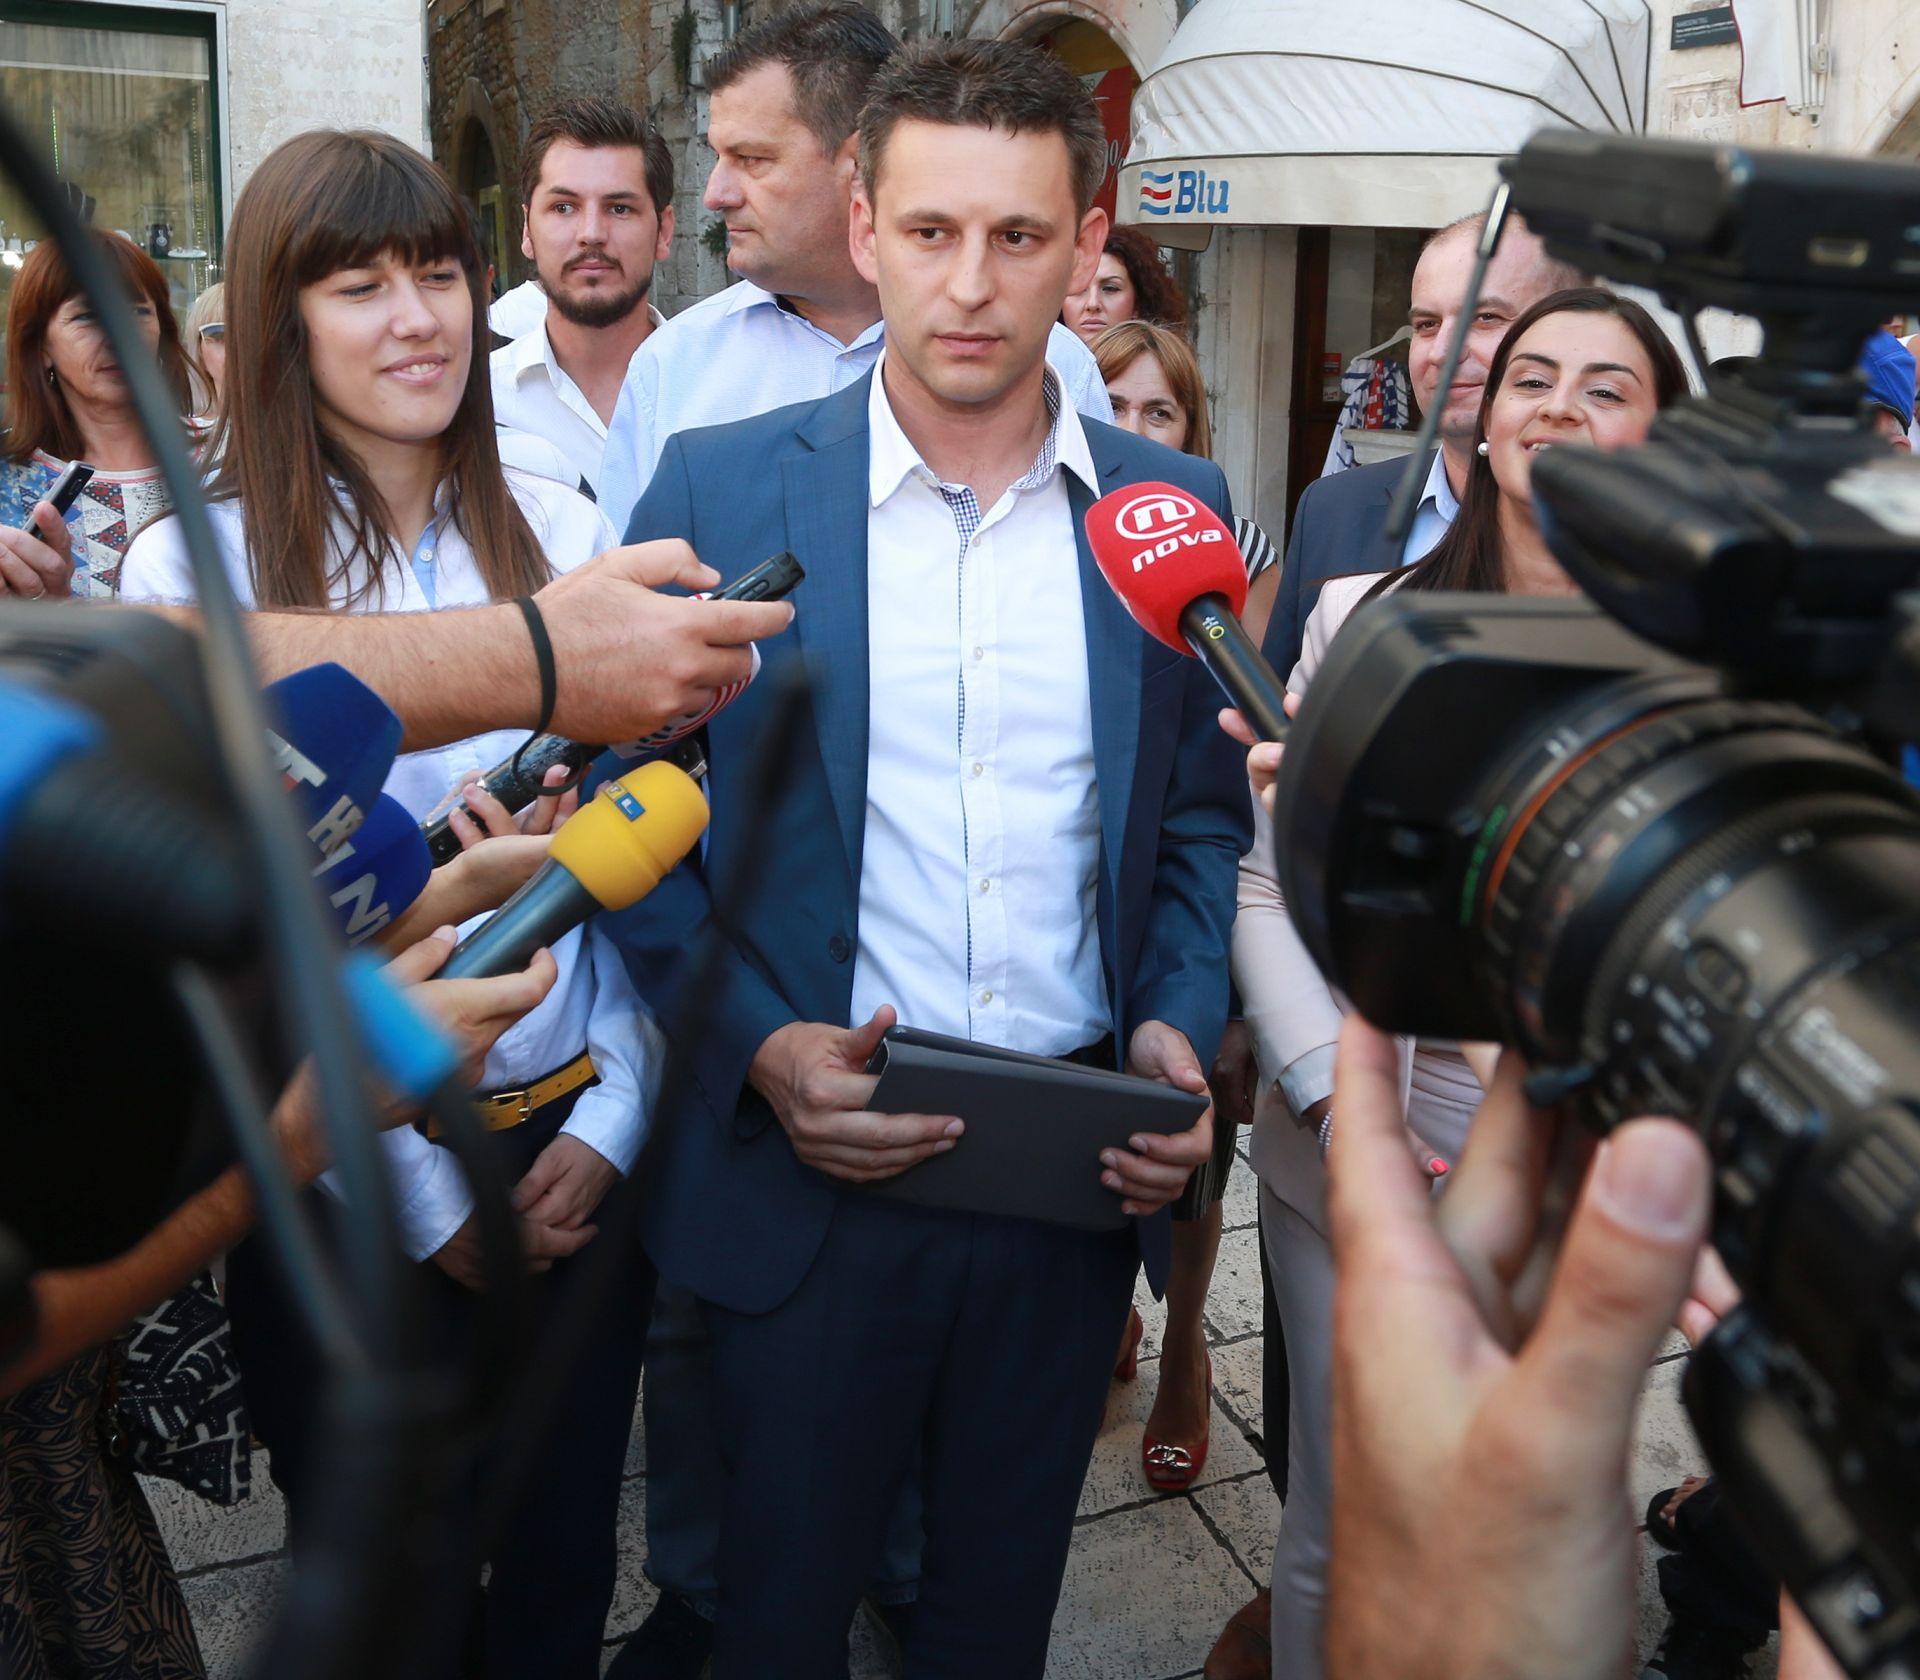 ZAHTJEVI MOST-a Petrov: 'Volio bih da se izjasne odmah, njihovi birači to trebaju znati prije izbora'